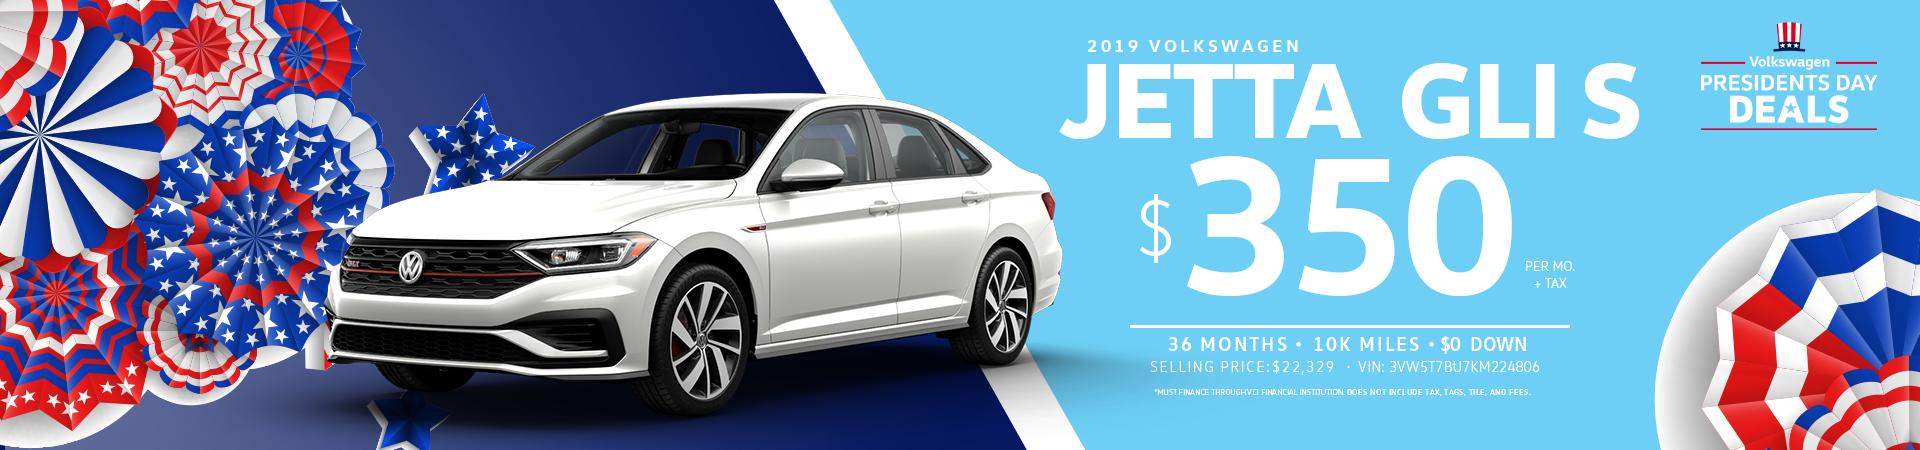 Lease a 2019 Jetta  GLI for $350 a month